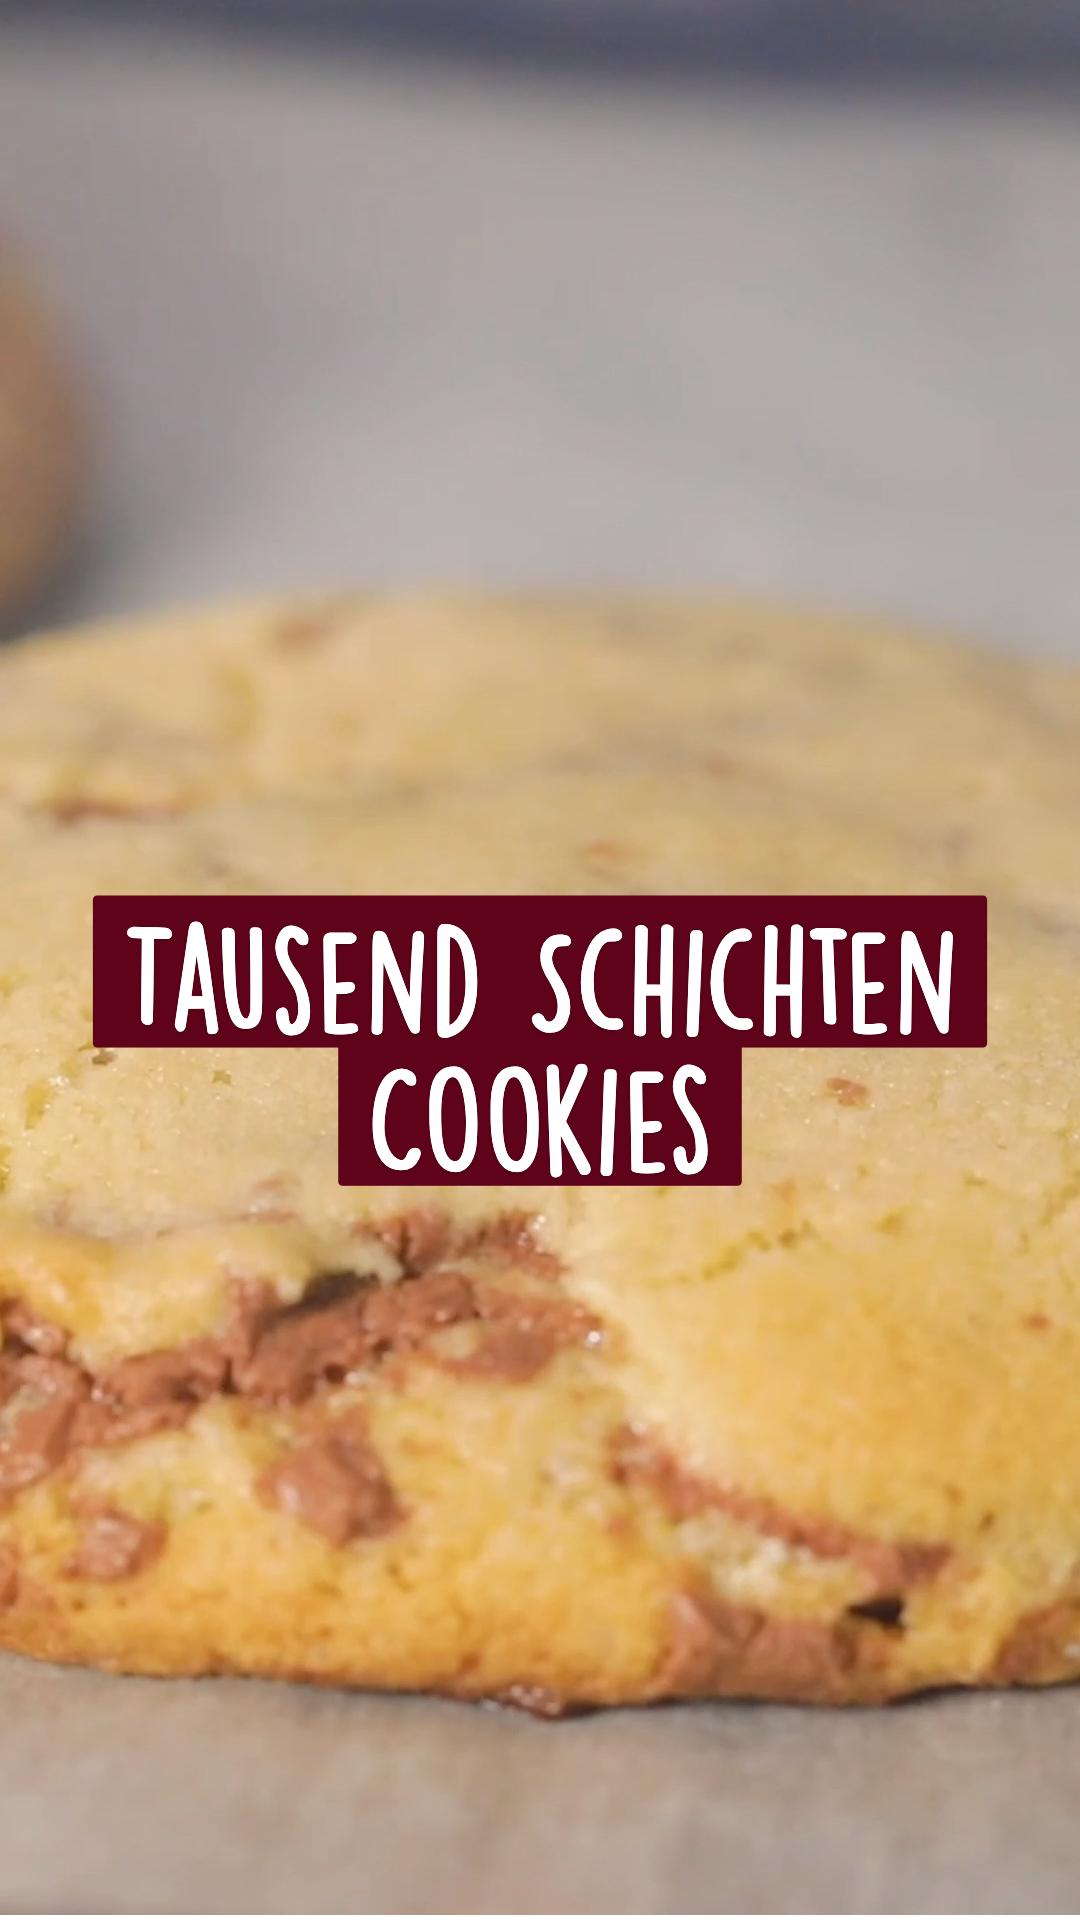 Tausend Schichten Cookies